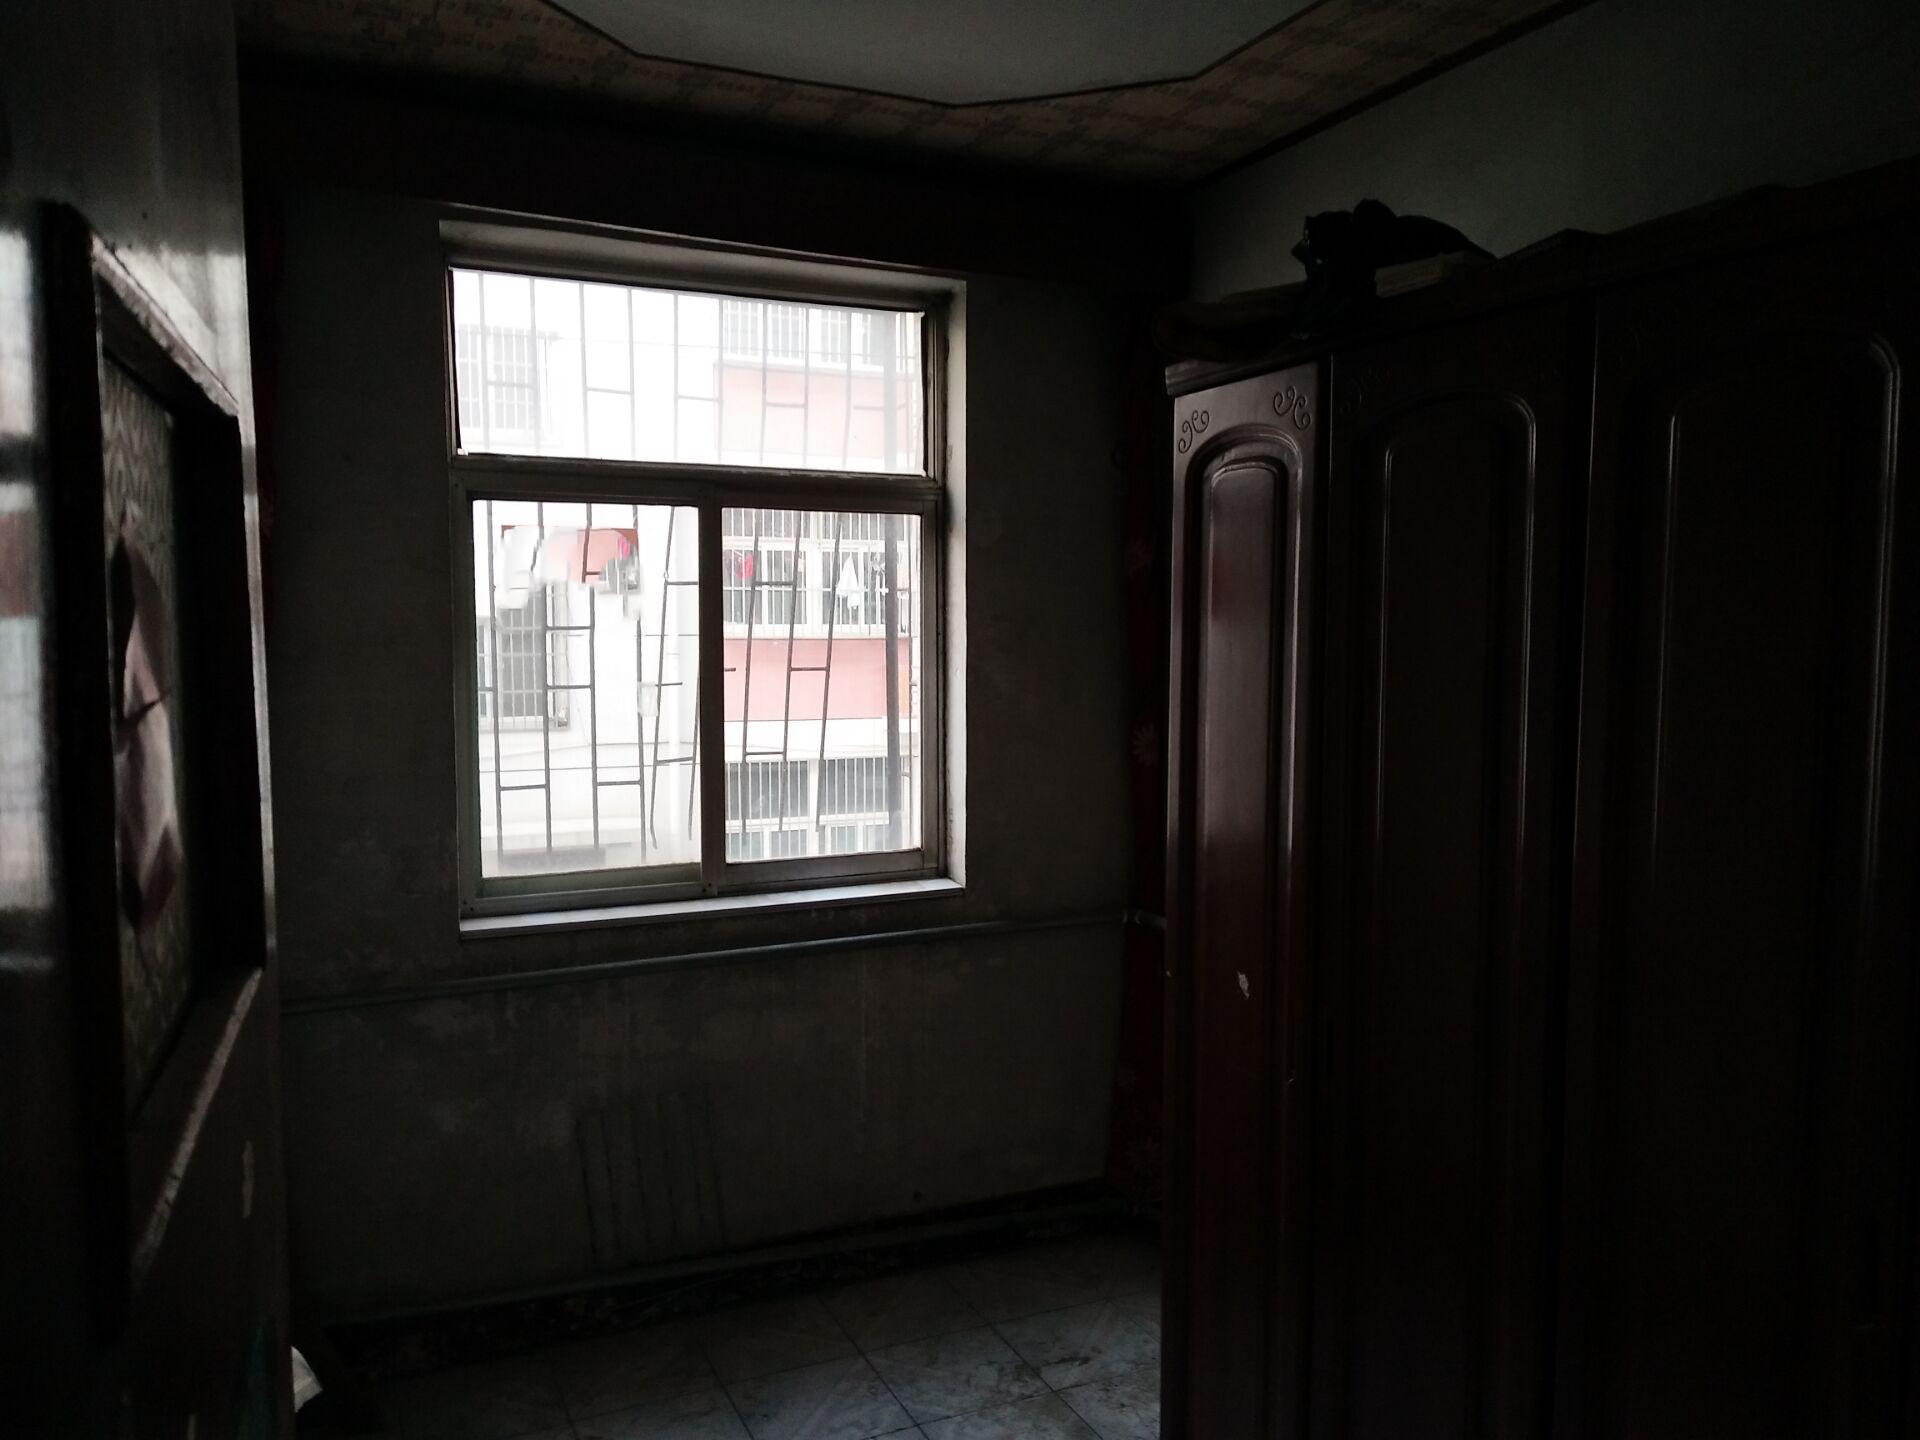 商贸公司家属院三室一厅带壁挂炉